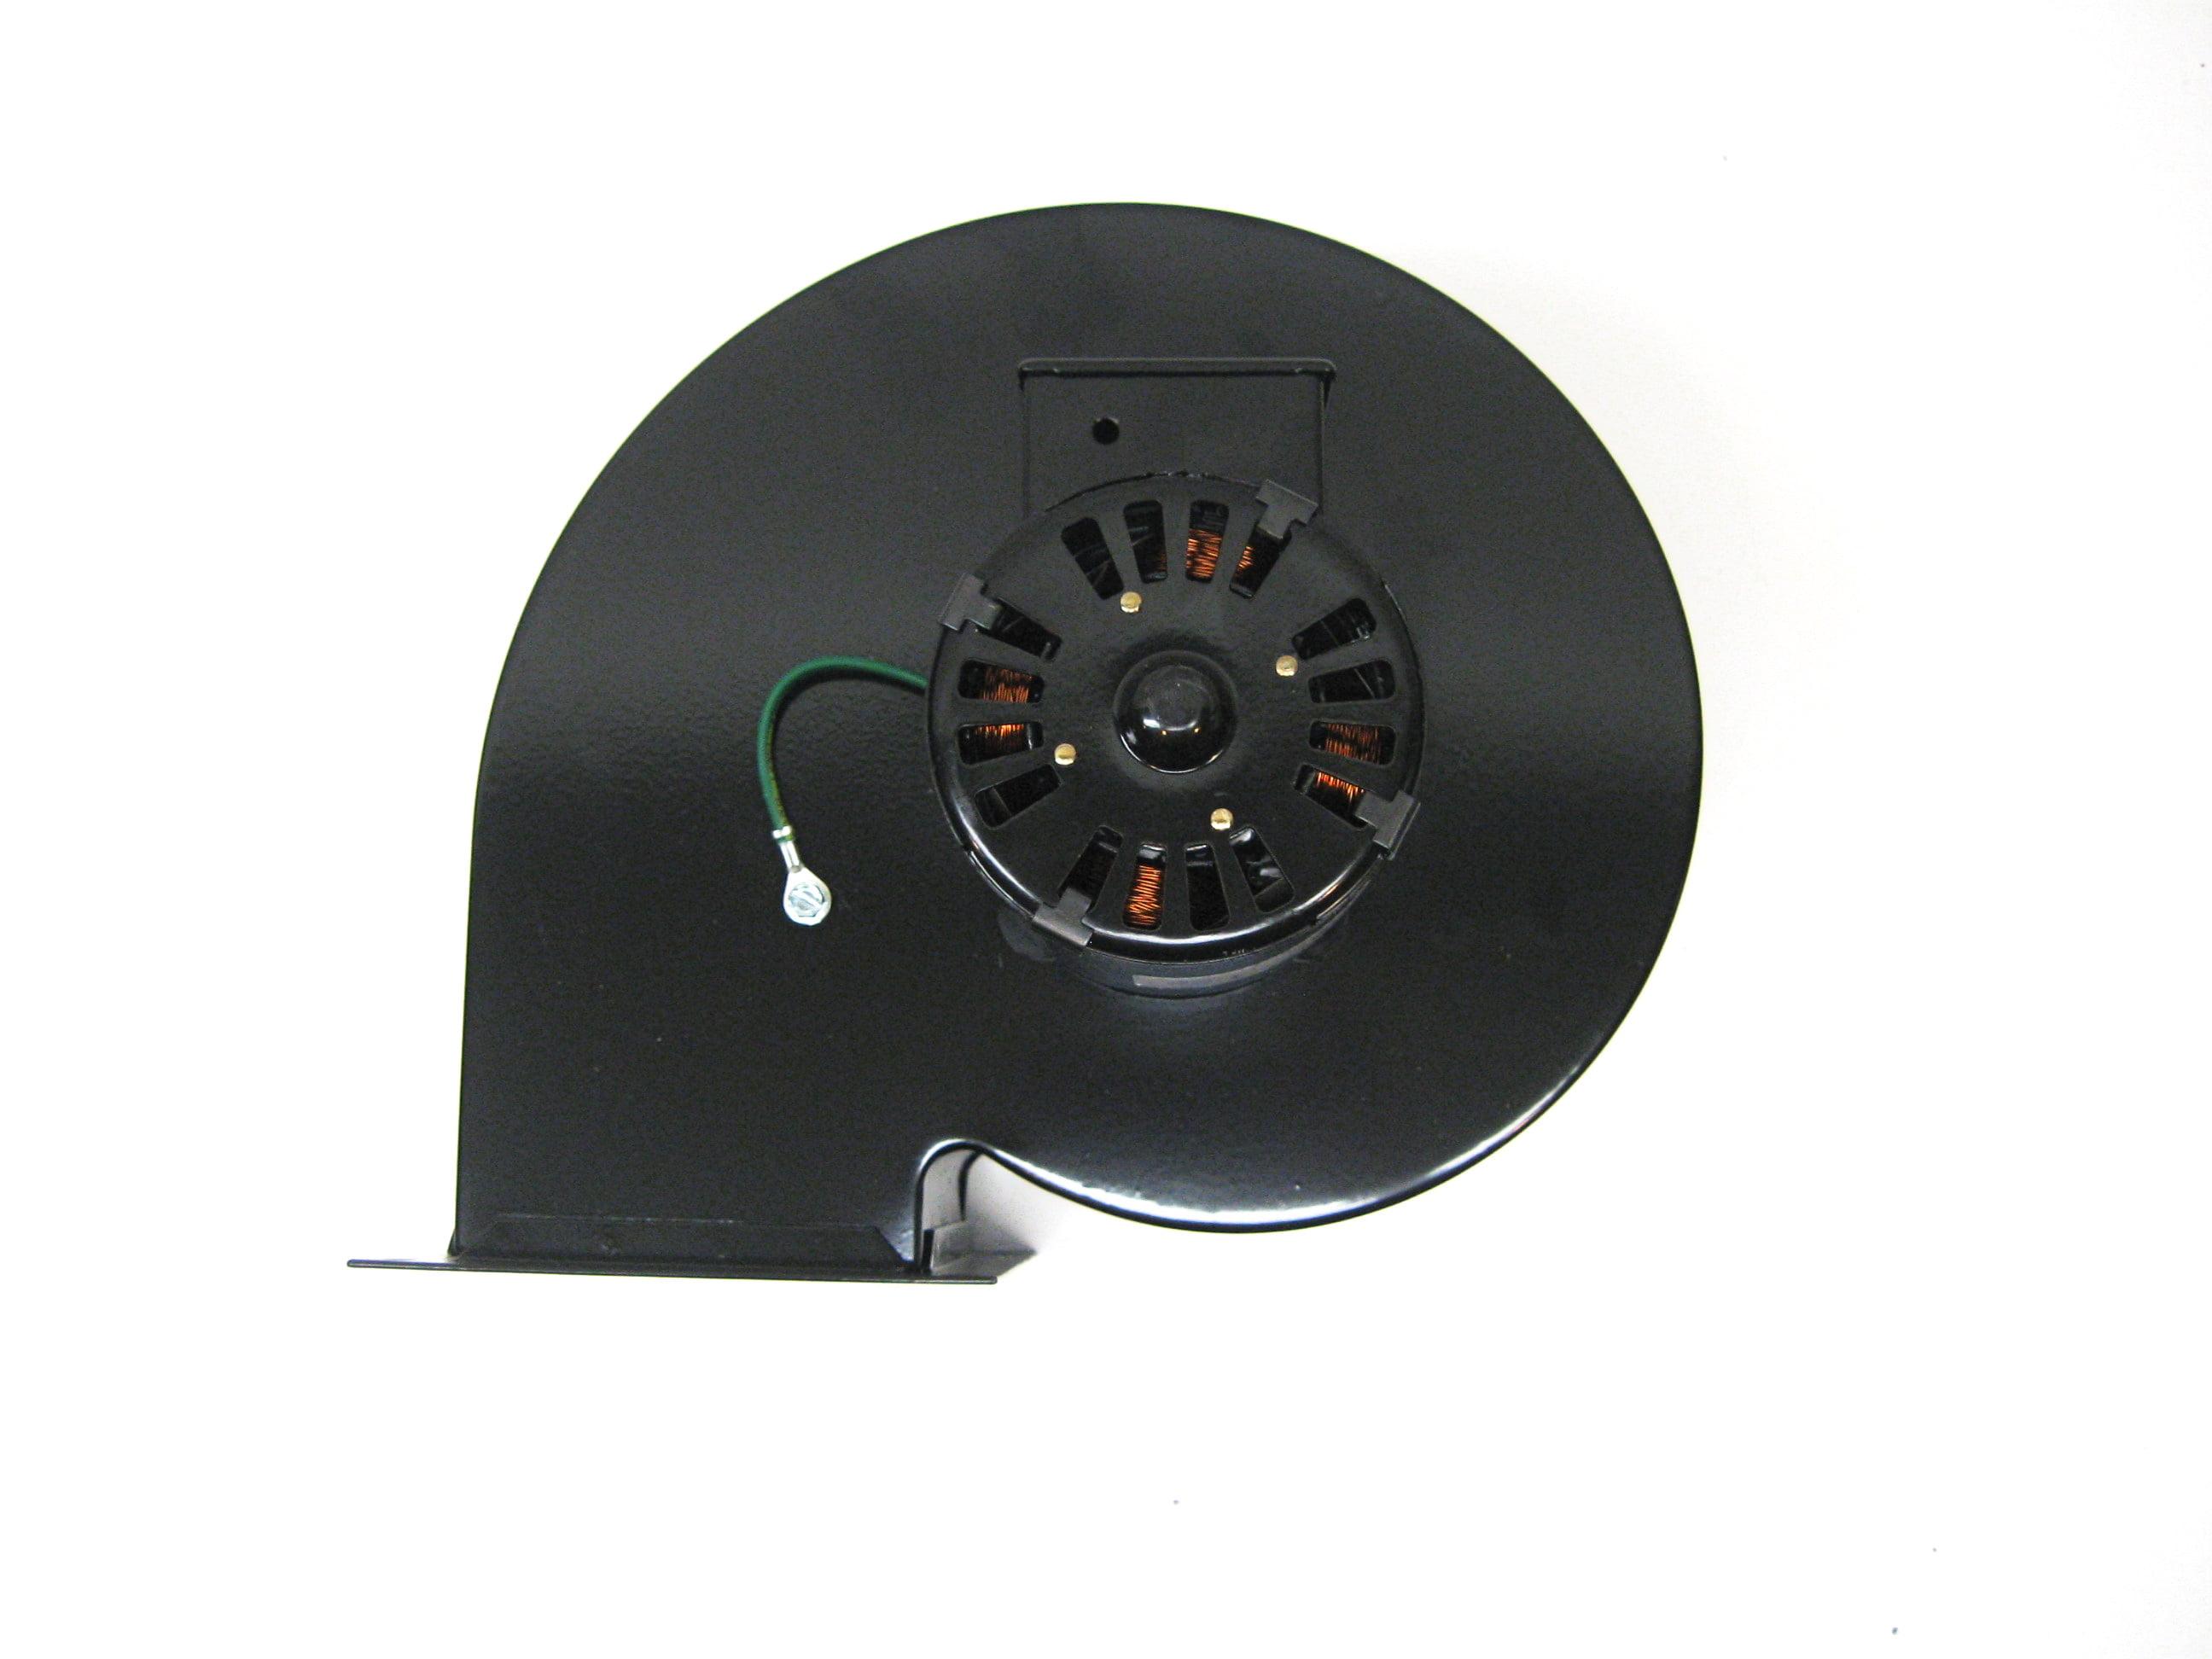 Centrifugal Blower 4c447 1tdr3 Pu 115v Fasco B45227 Wiring Diagram